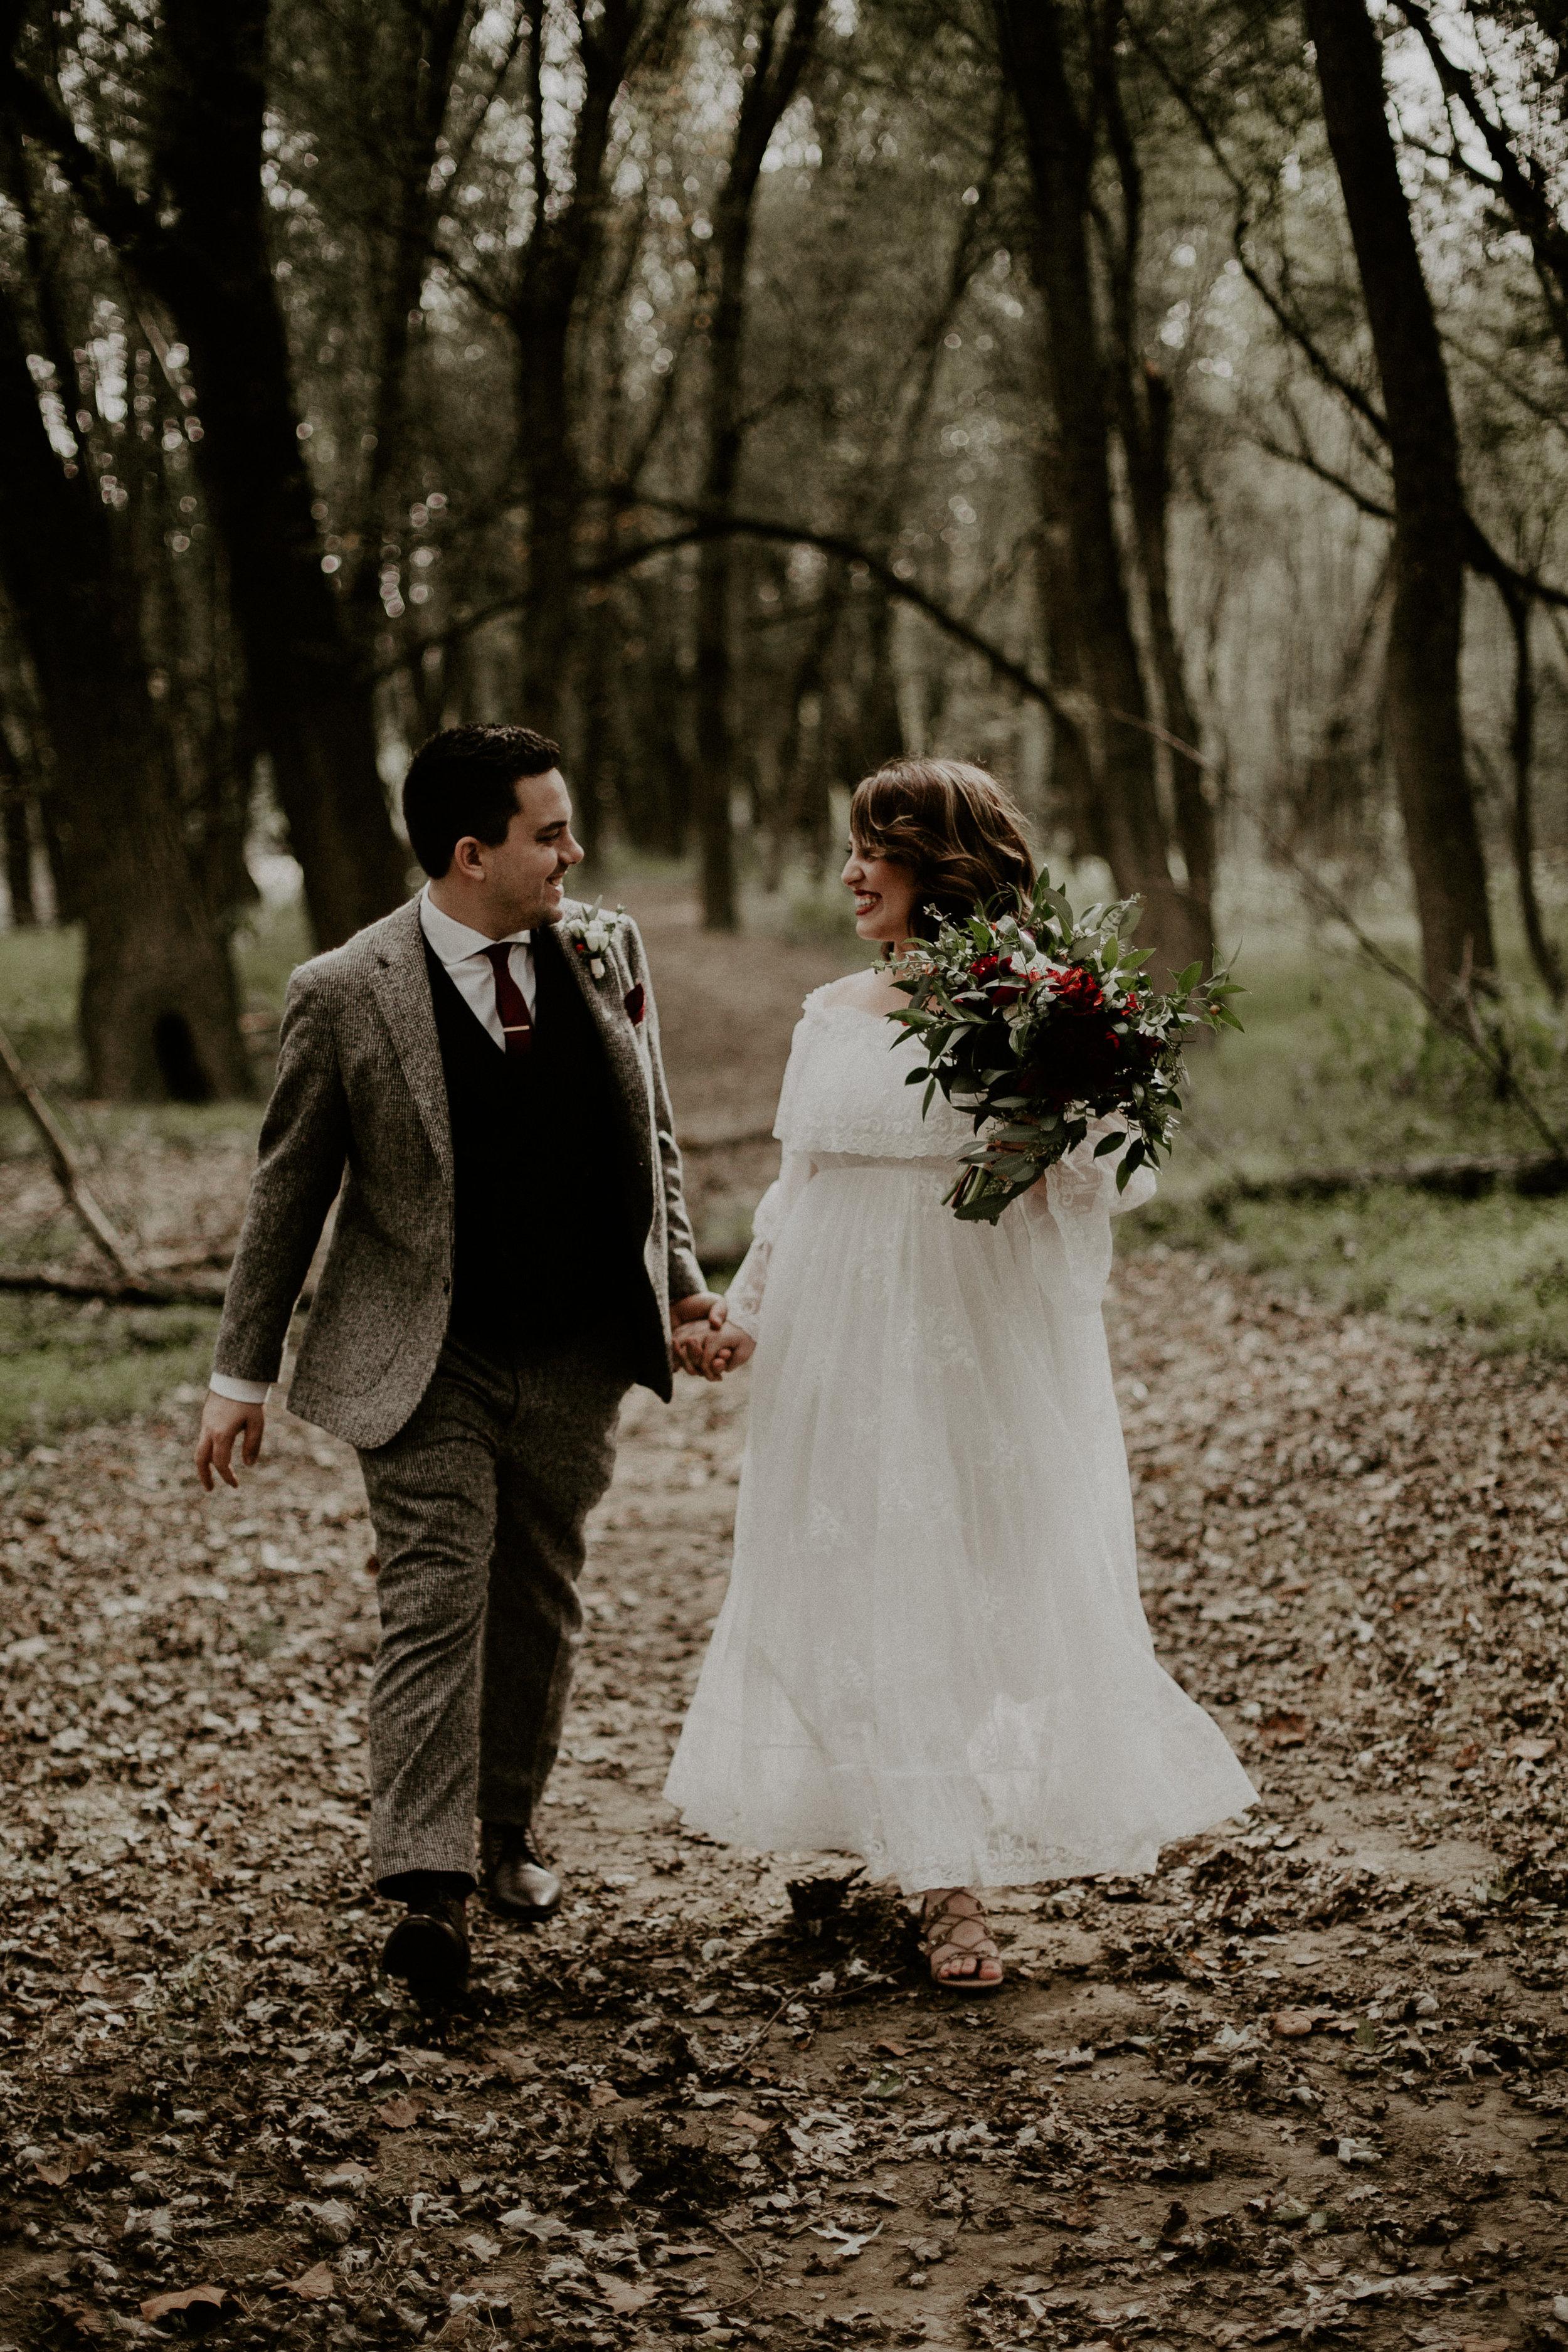 Jaymee_Jake_Turn_Vintage_Warehouse_Wedding-EDIT-148.JPG